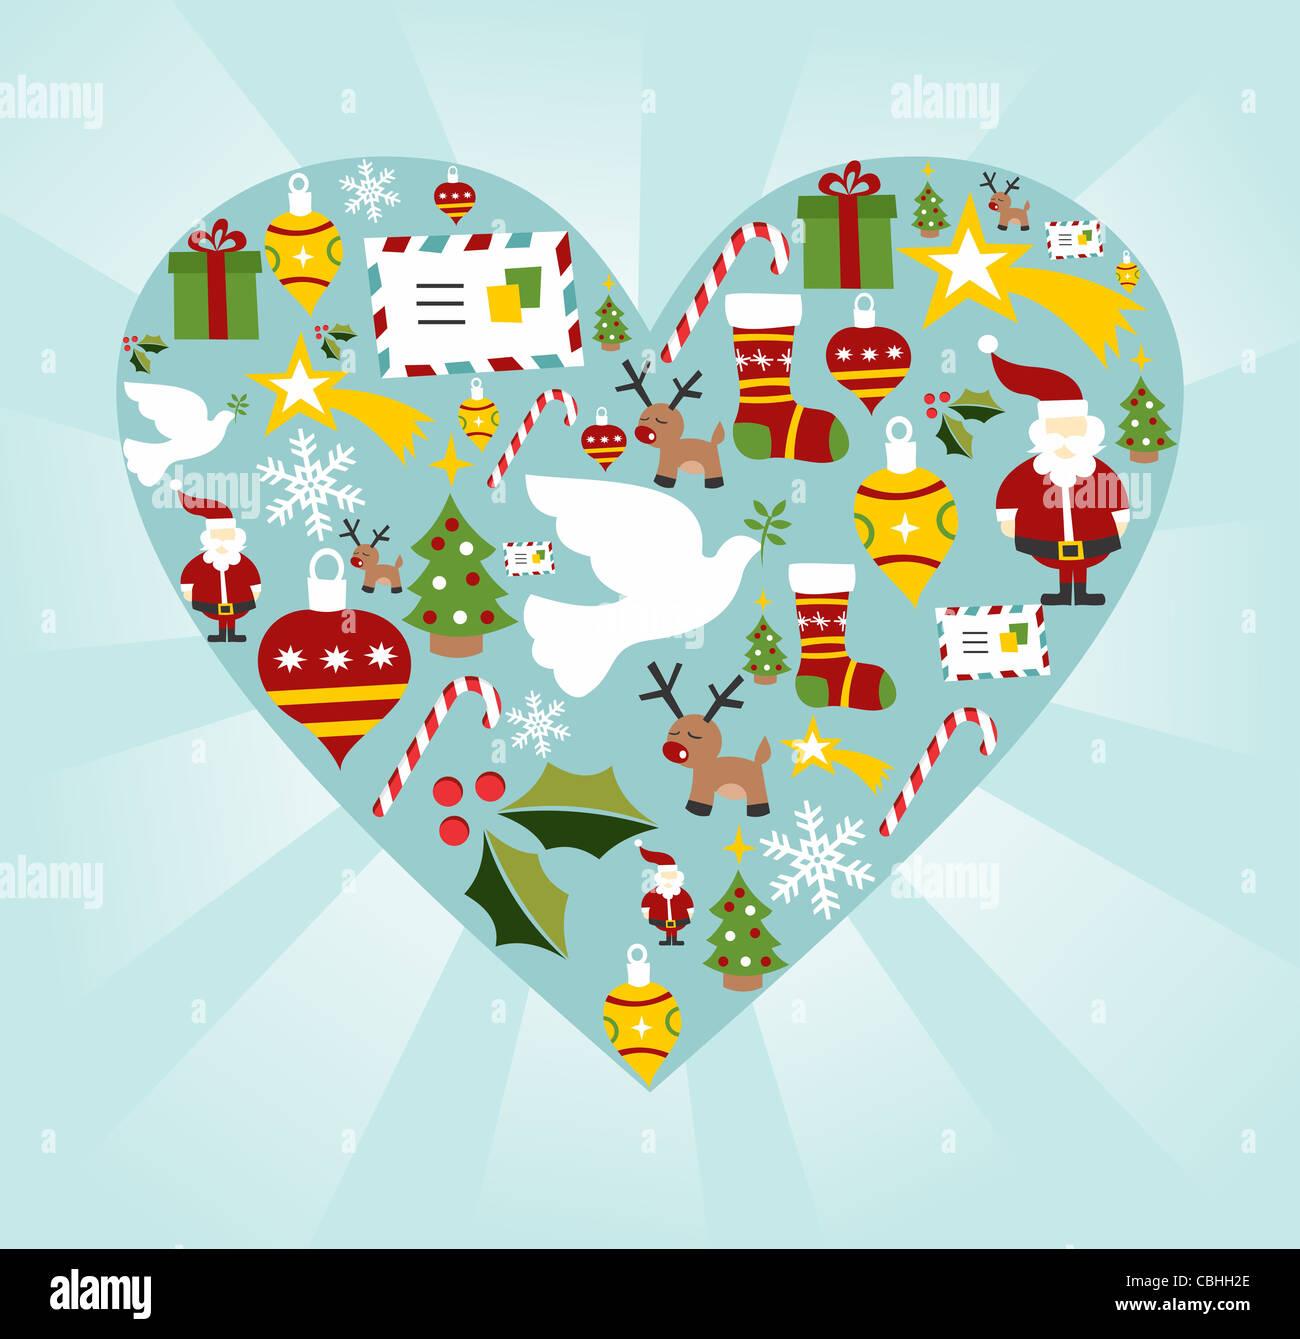 Weihnachten-Symbol in Herz-Form-Hintergrund festlegen. Vektor-Datei zur Verfügung. Stockbild